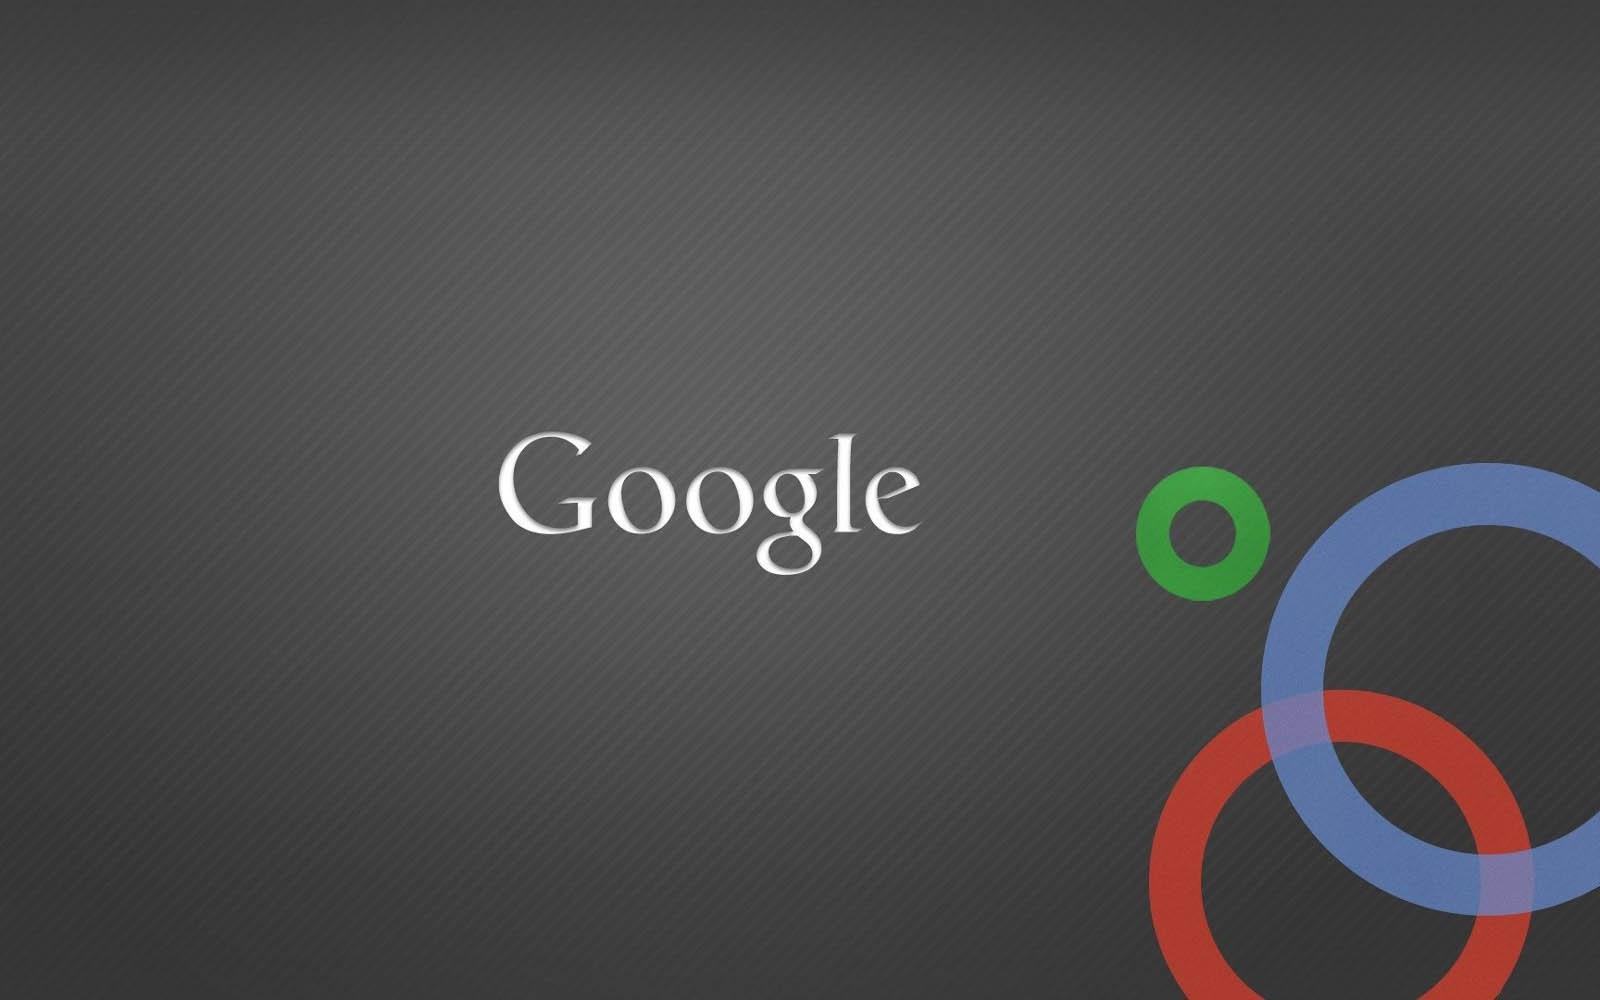 wallpapers Google Desktop Backgrounds 1600x1000